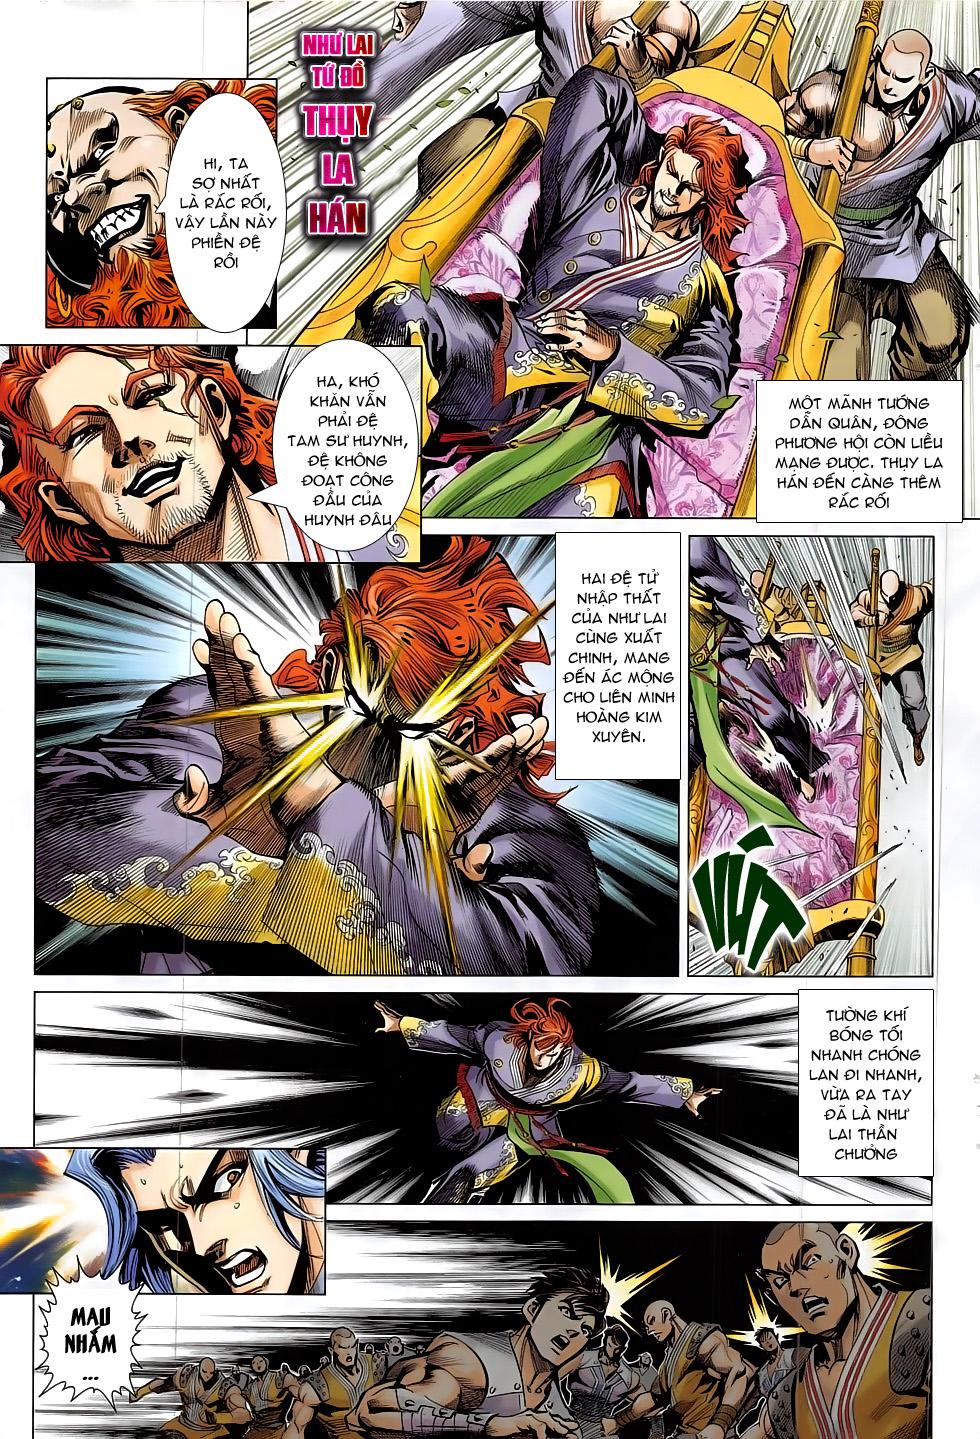 Thần Chưởng trang 19